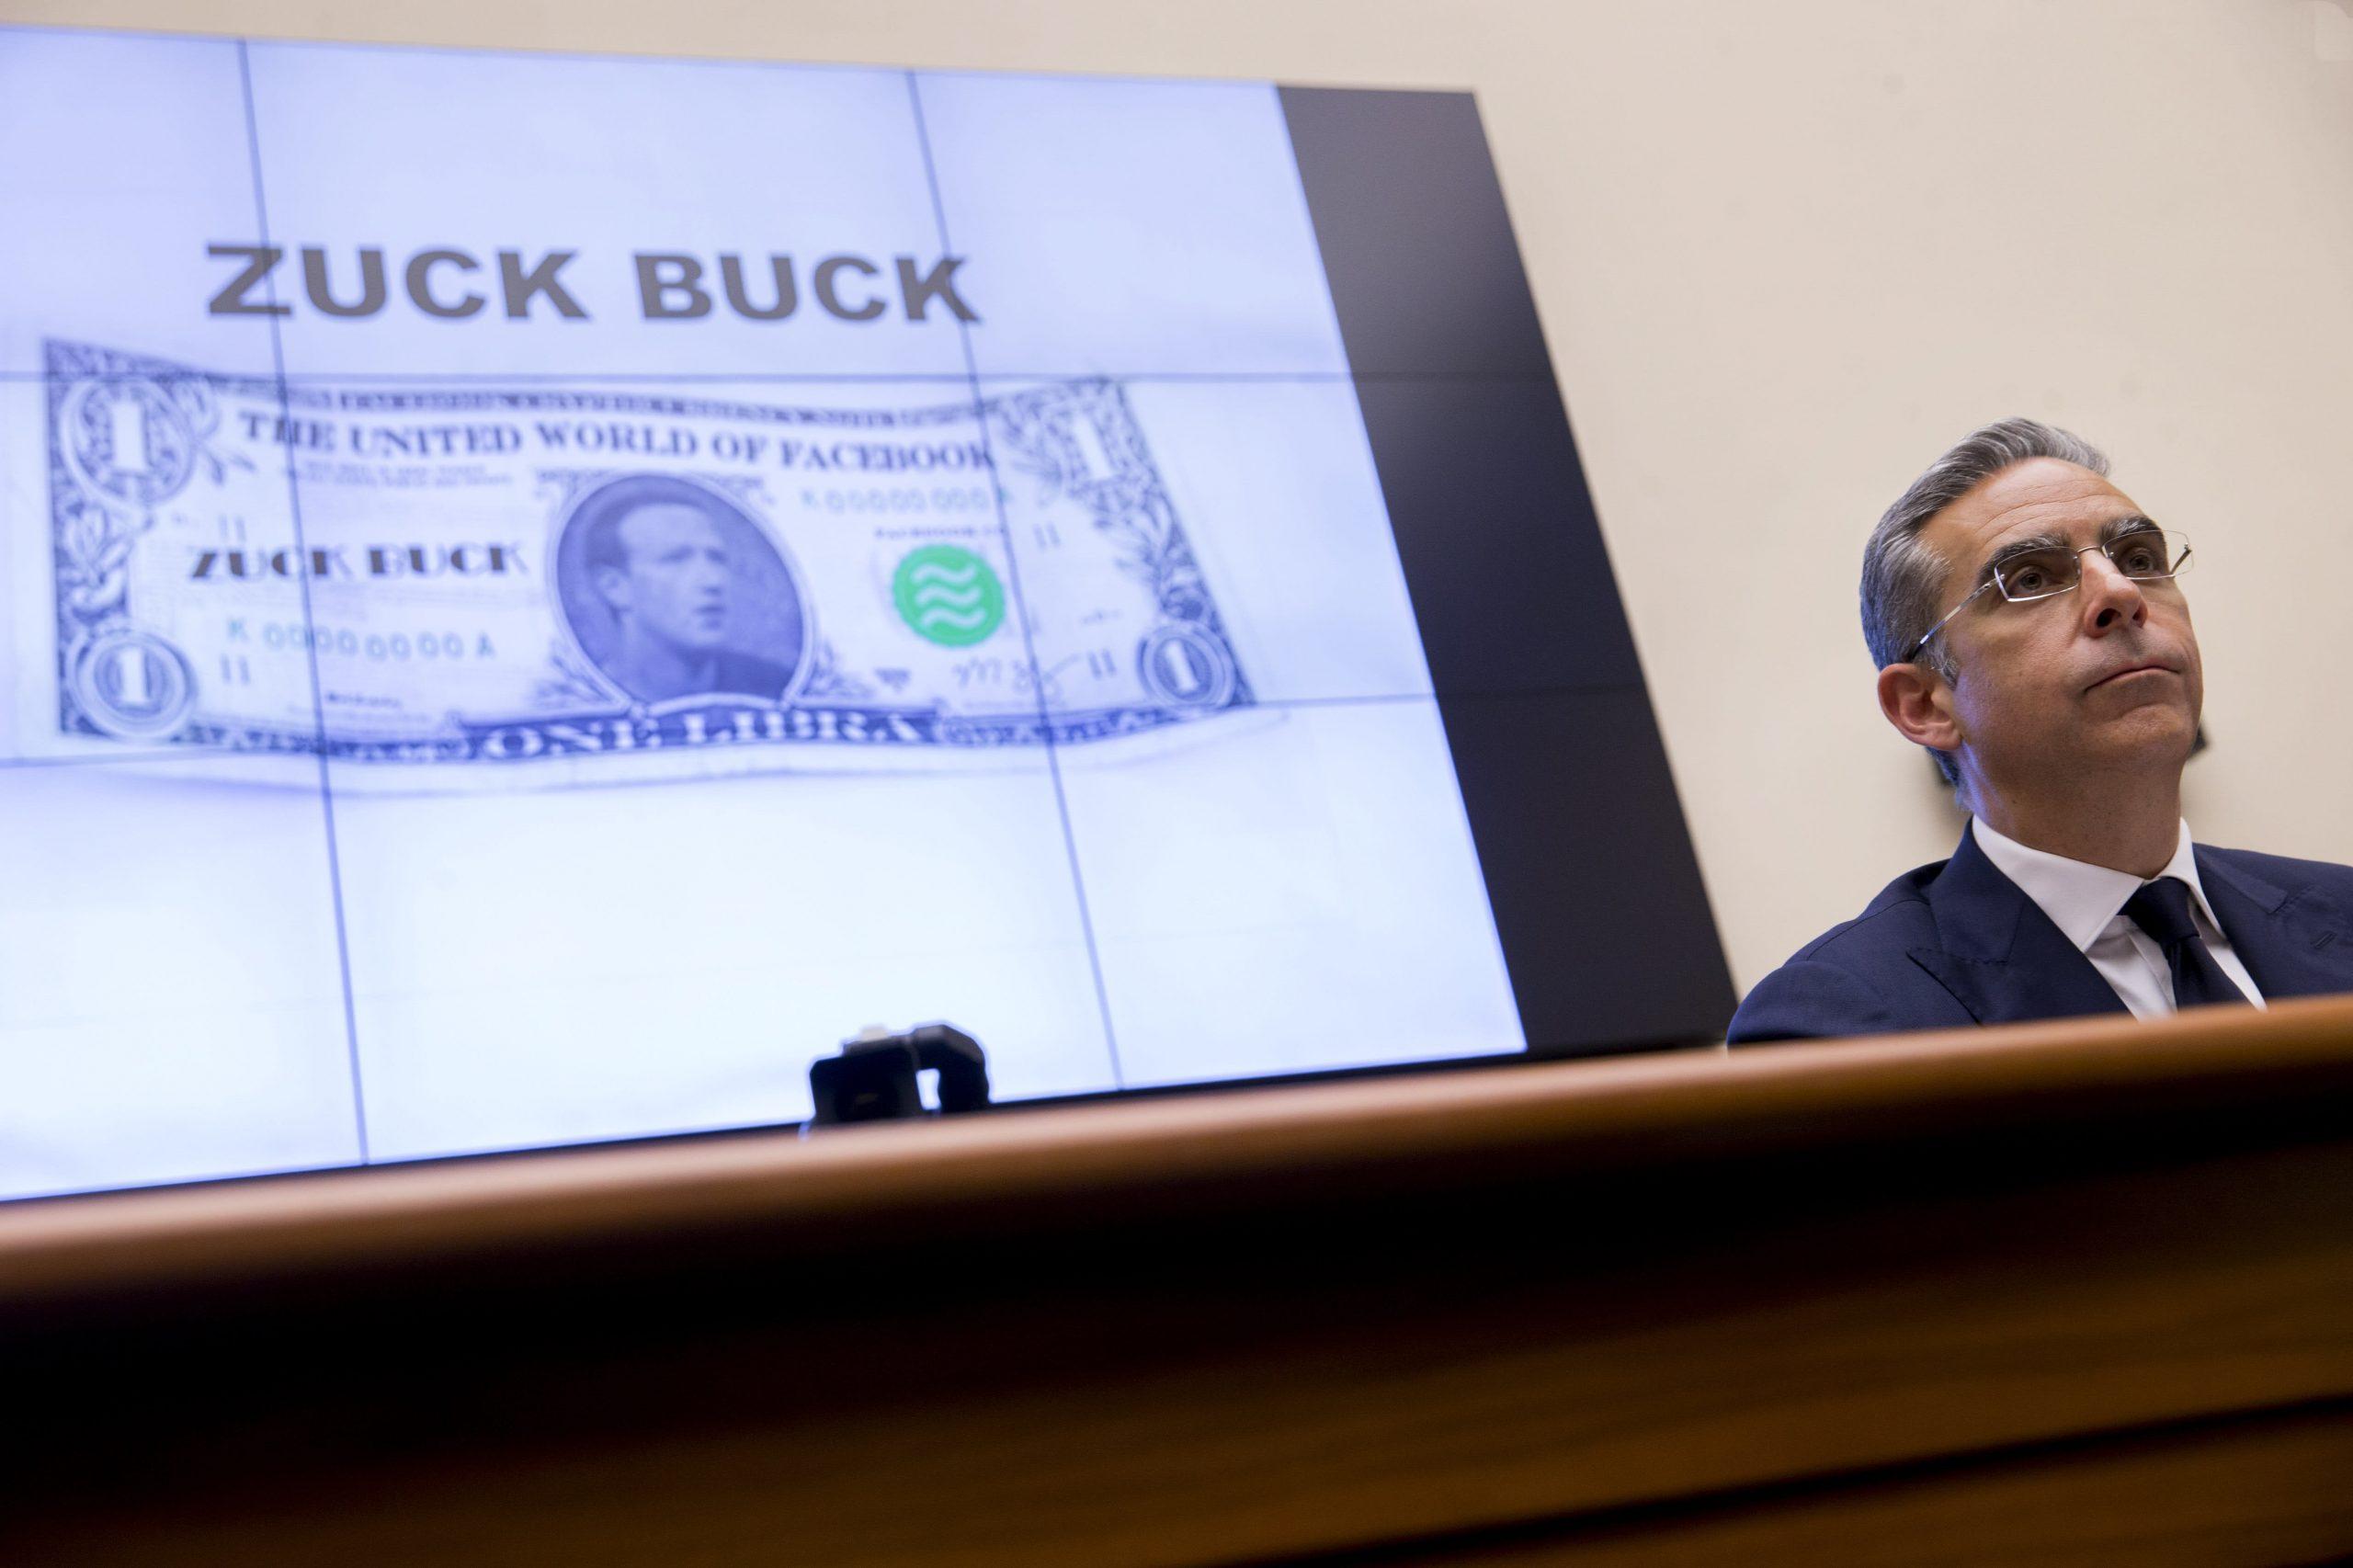 Libra Facebook merencanakan penawaran crypto baru yang didukung oleh hanya satu mata uang